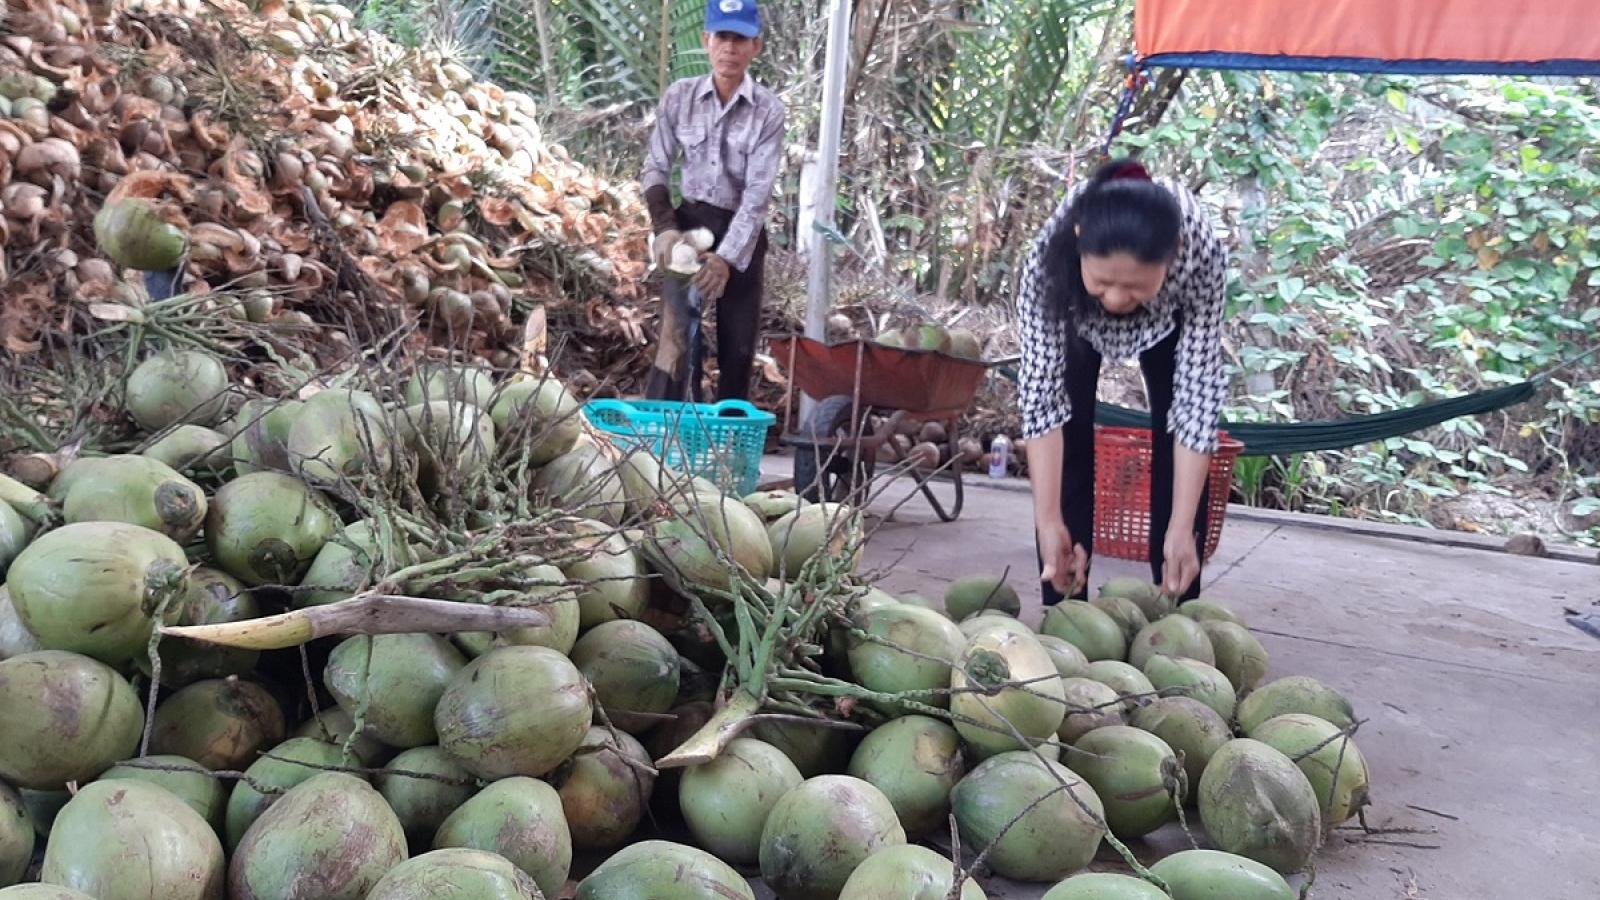 Cần nhân rộng diện tích dừa hữu cơ và sản xuất muối theo hướng liên kết gắn với thị trường